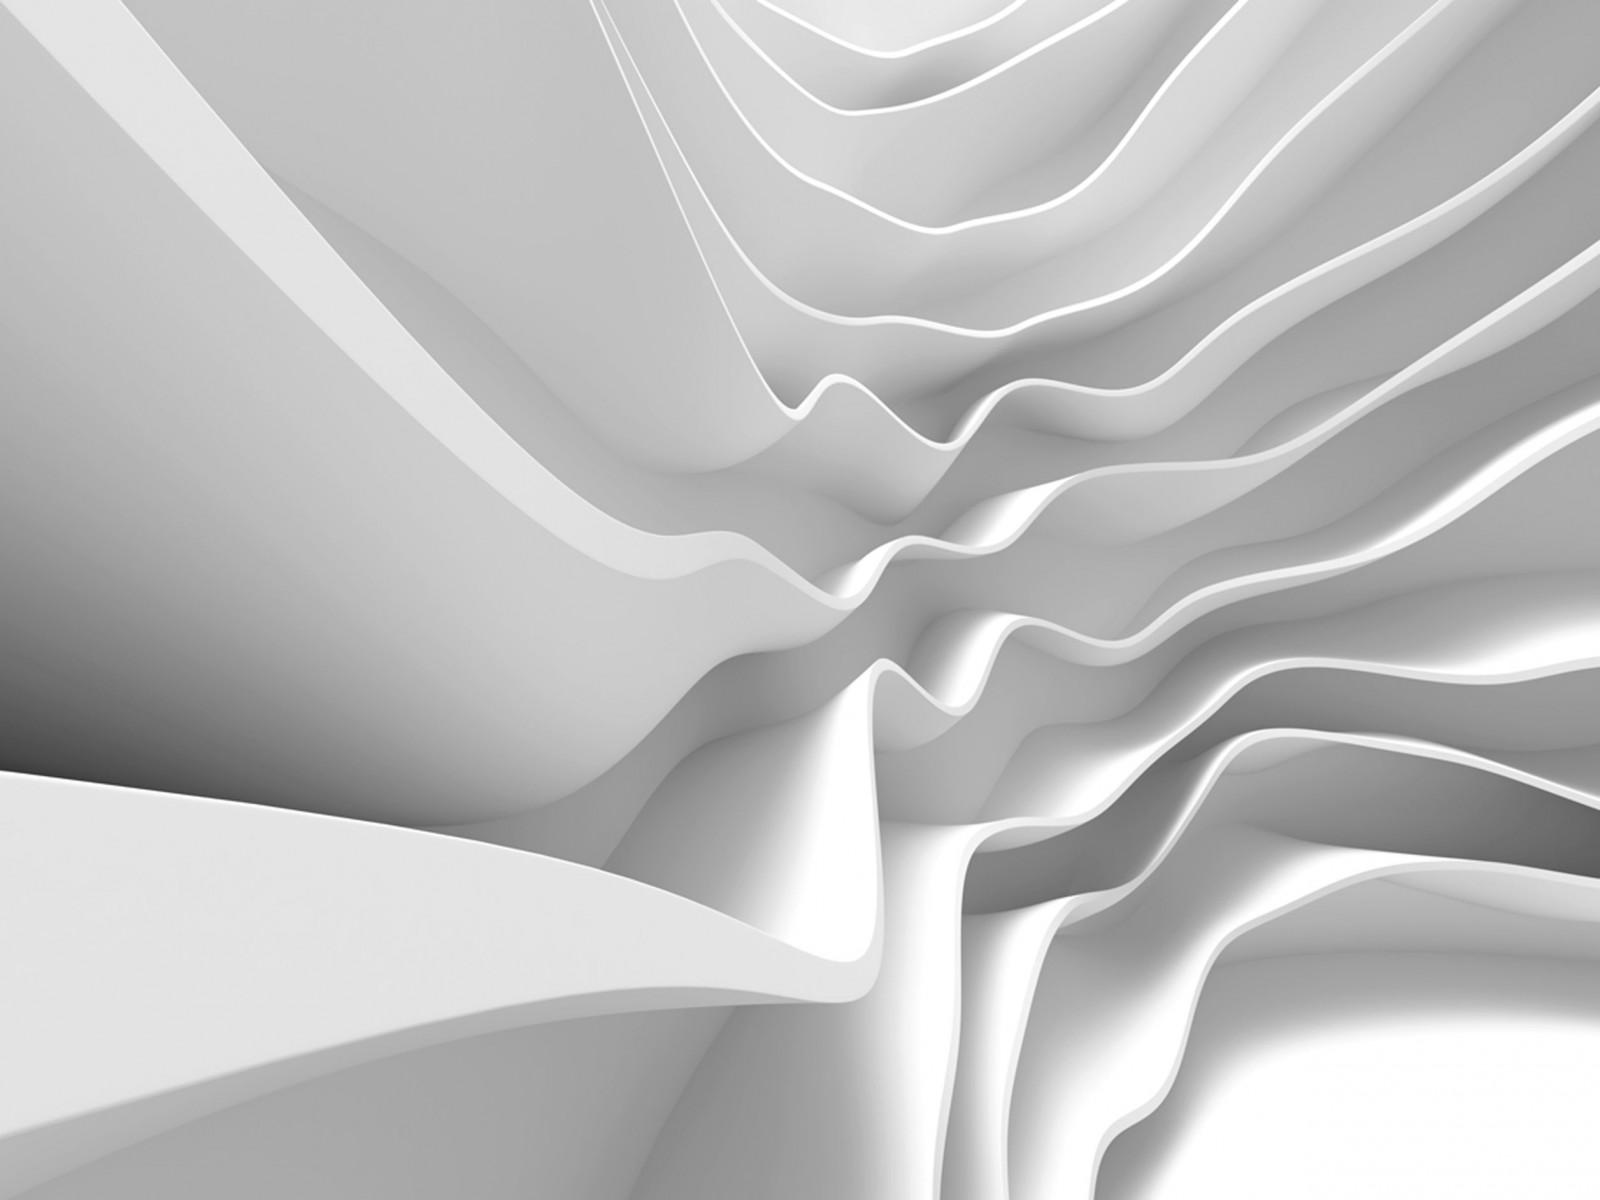 Full Size of Xxl Fototapeten Tapete Grafik Wellen Modern Design Moderne Deckenleuchte Wohnzimmer Bilder Bett Landhausküche Küche Weiss Tapeten Für Ideen Holz Modernes Wohnzimmer Tapeten Modern